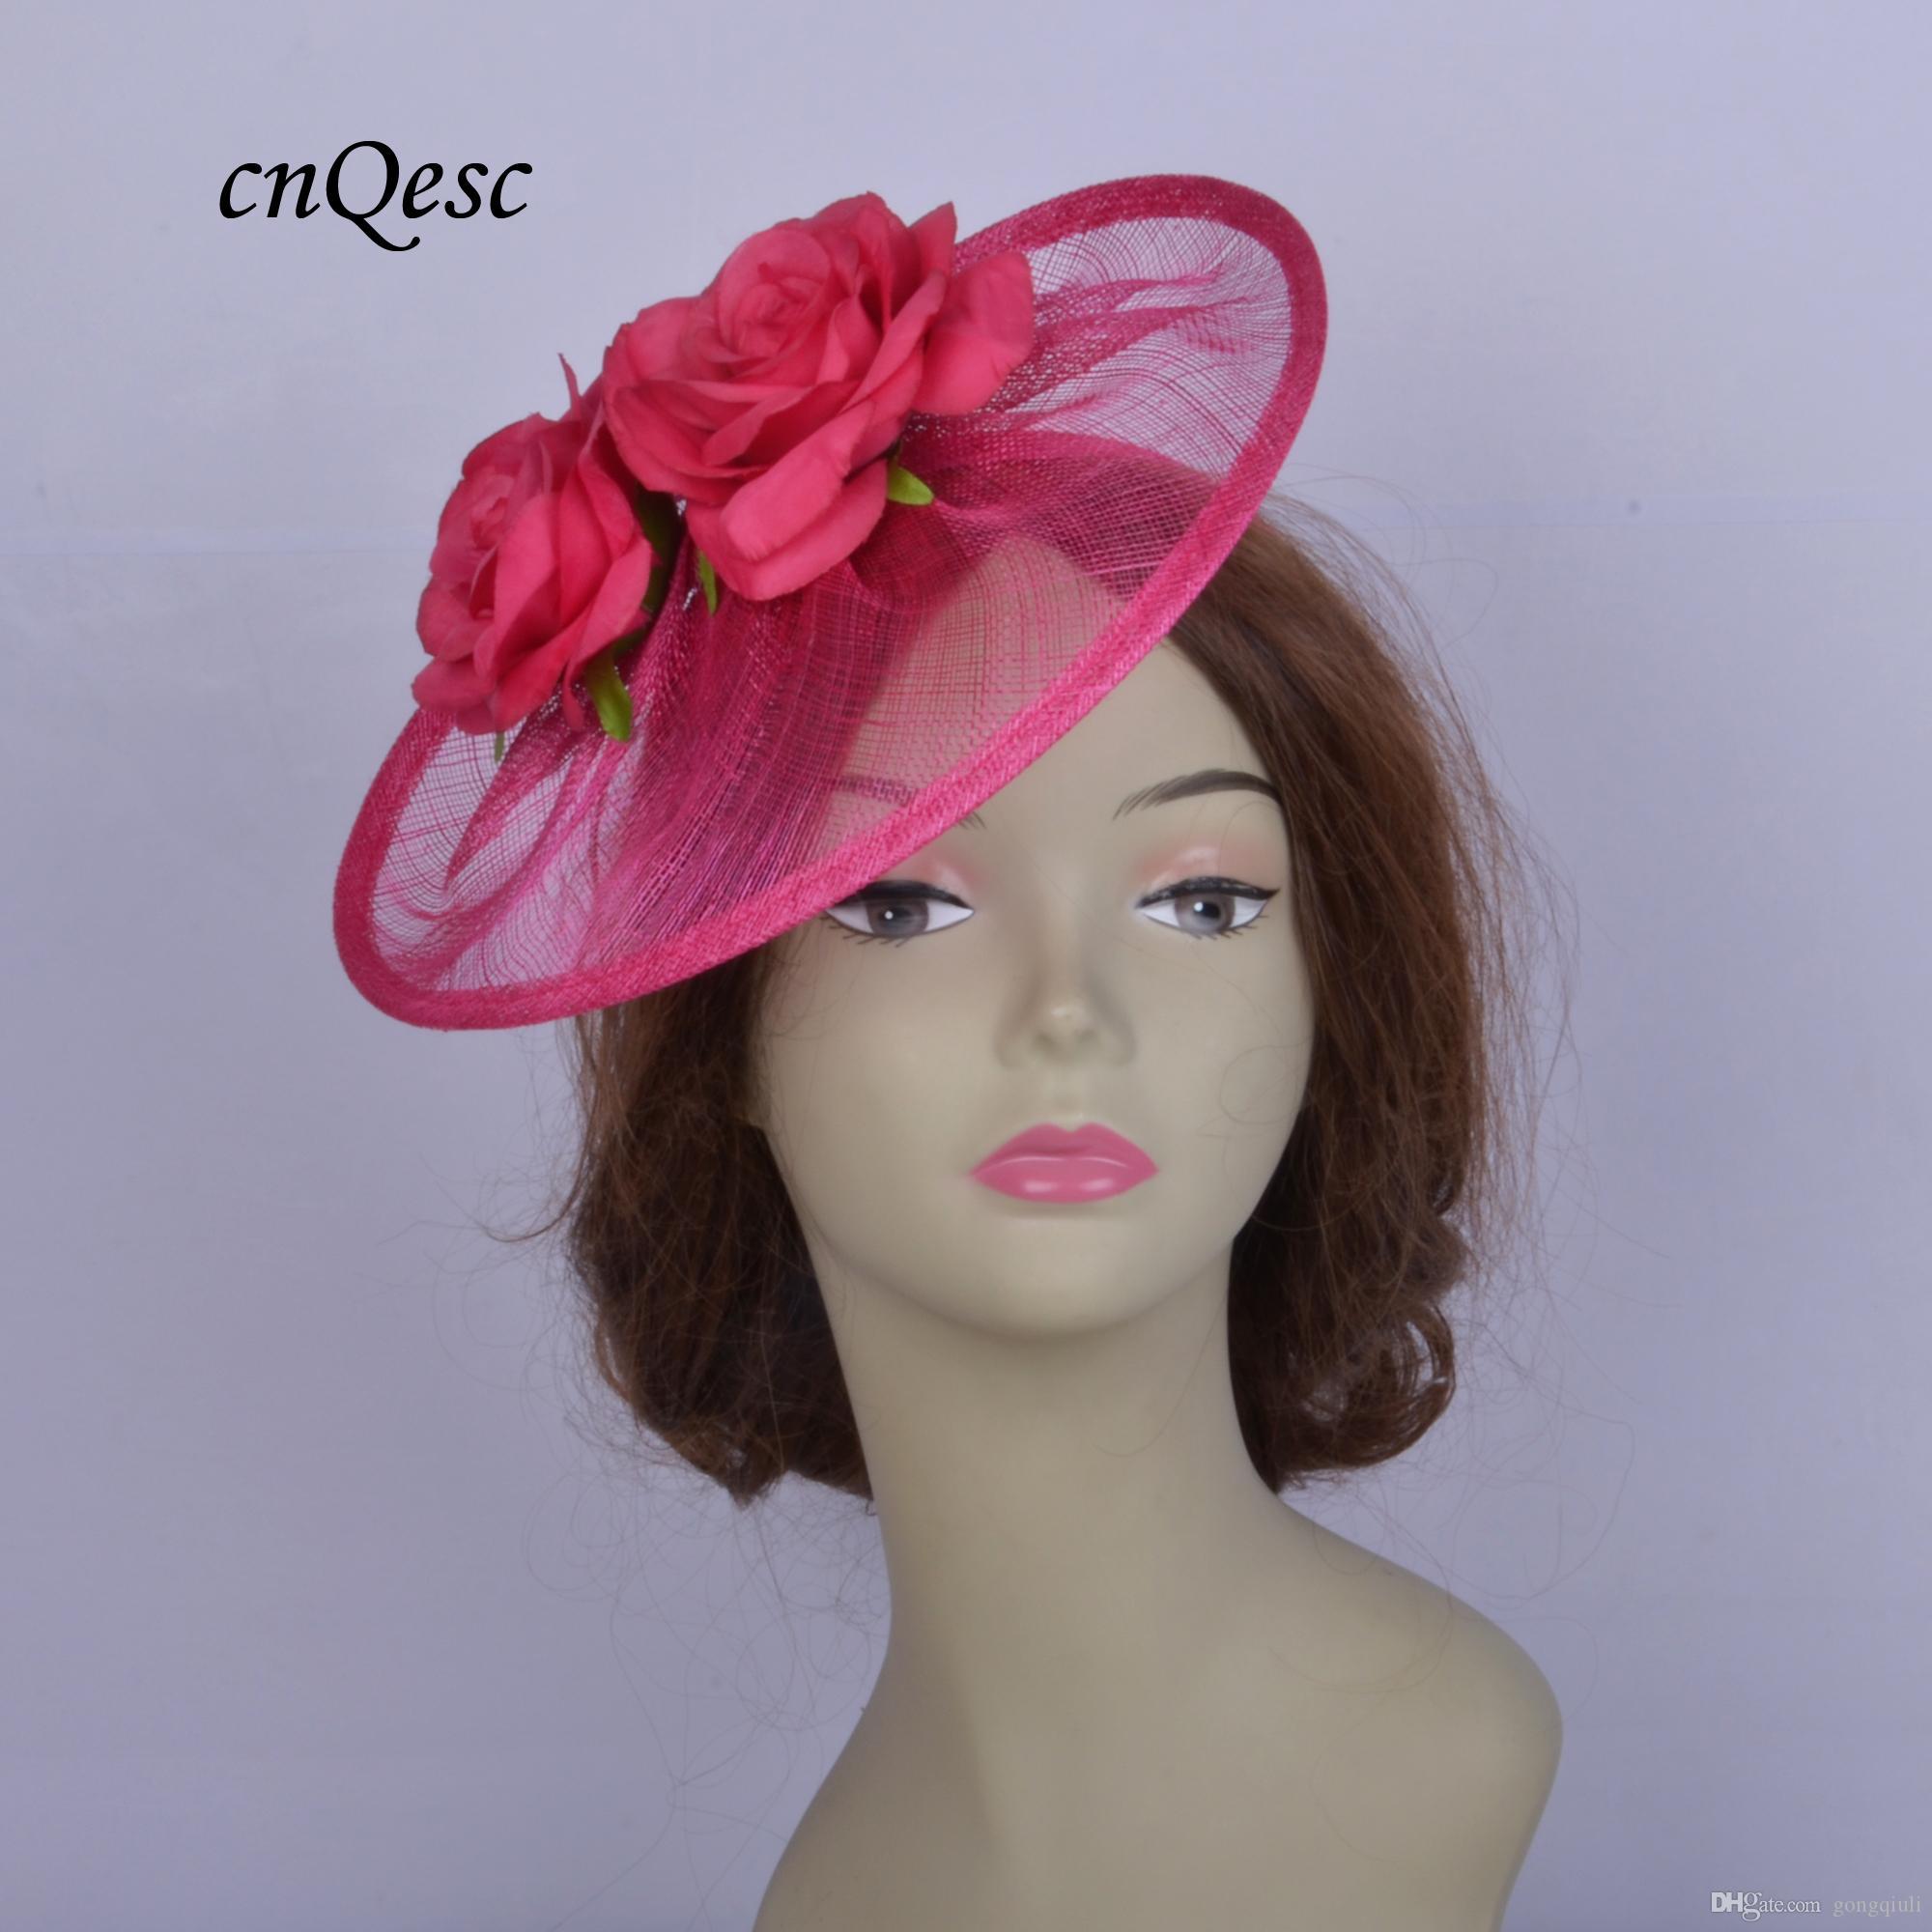 2019 Hot pink Saucer fascinator Cappello da donna sinamay fascinator hat per la cerimonia nuziale doccia madre della sposa con fiore rosa.